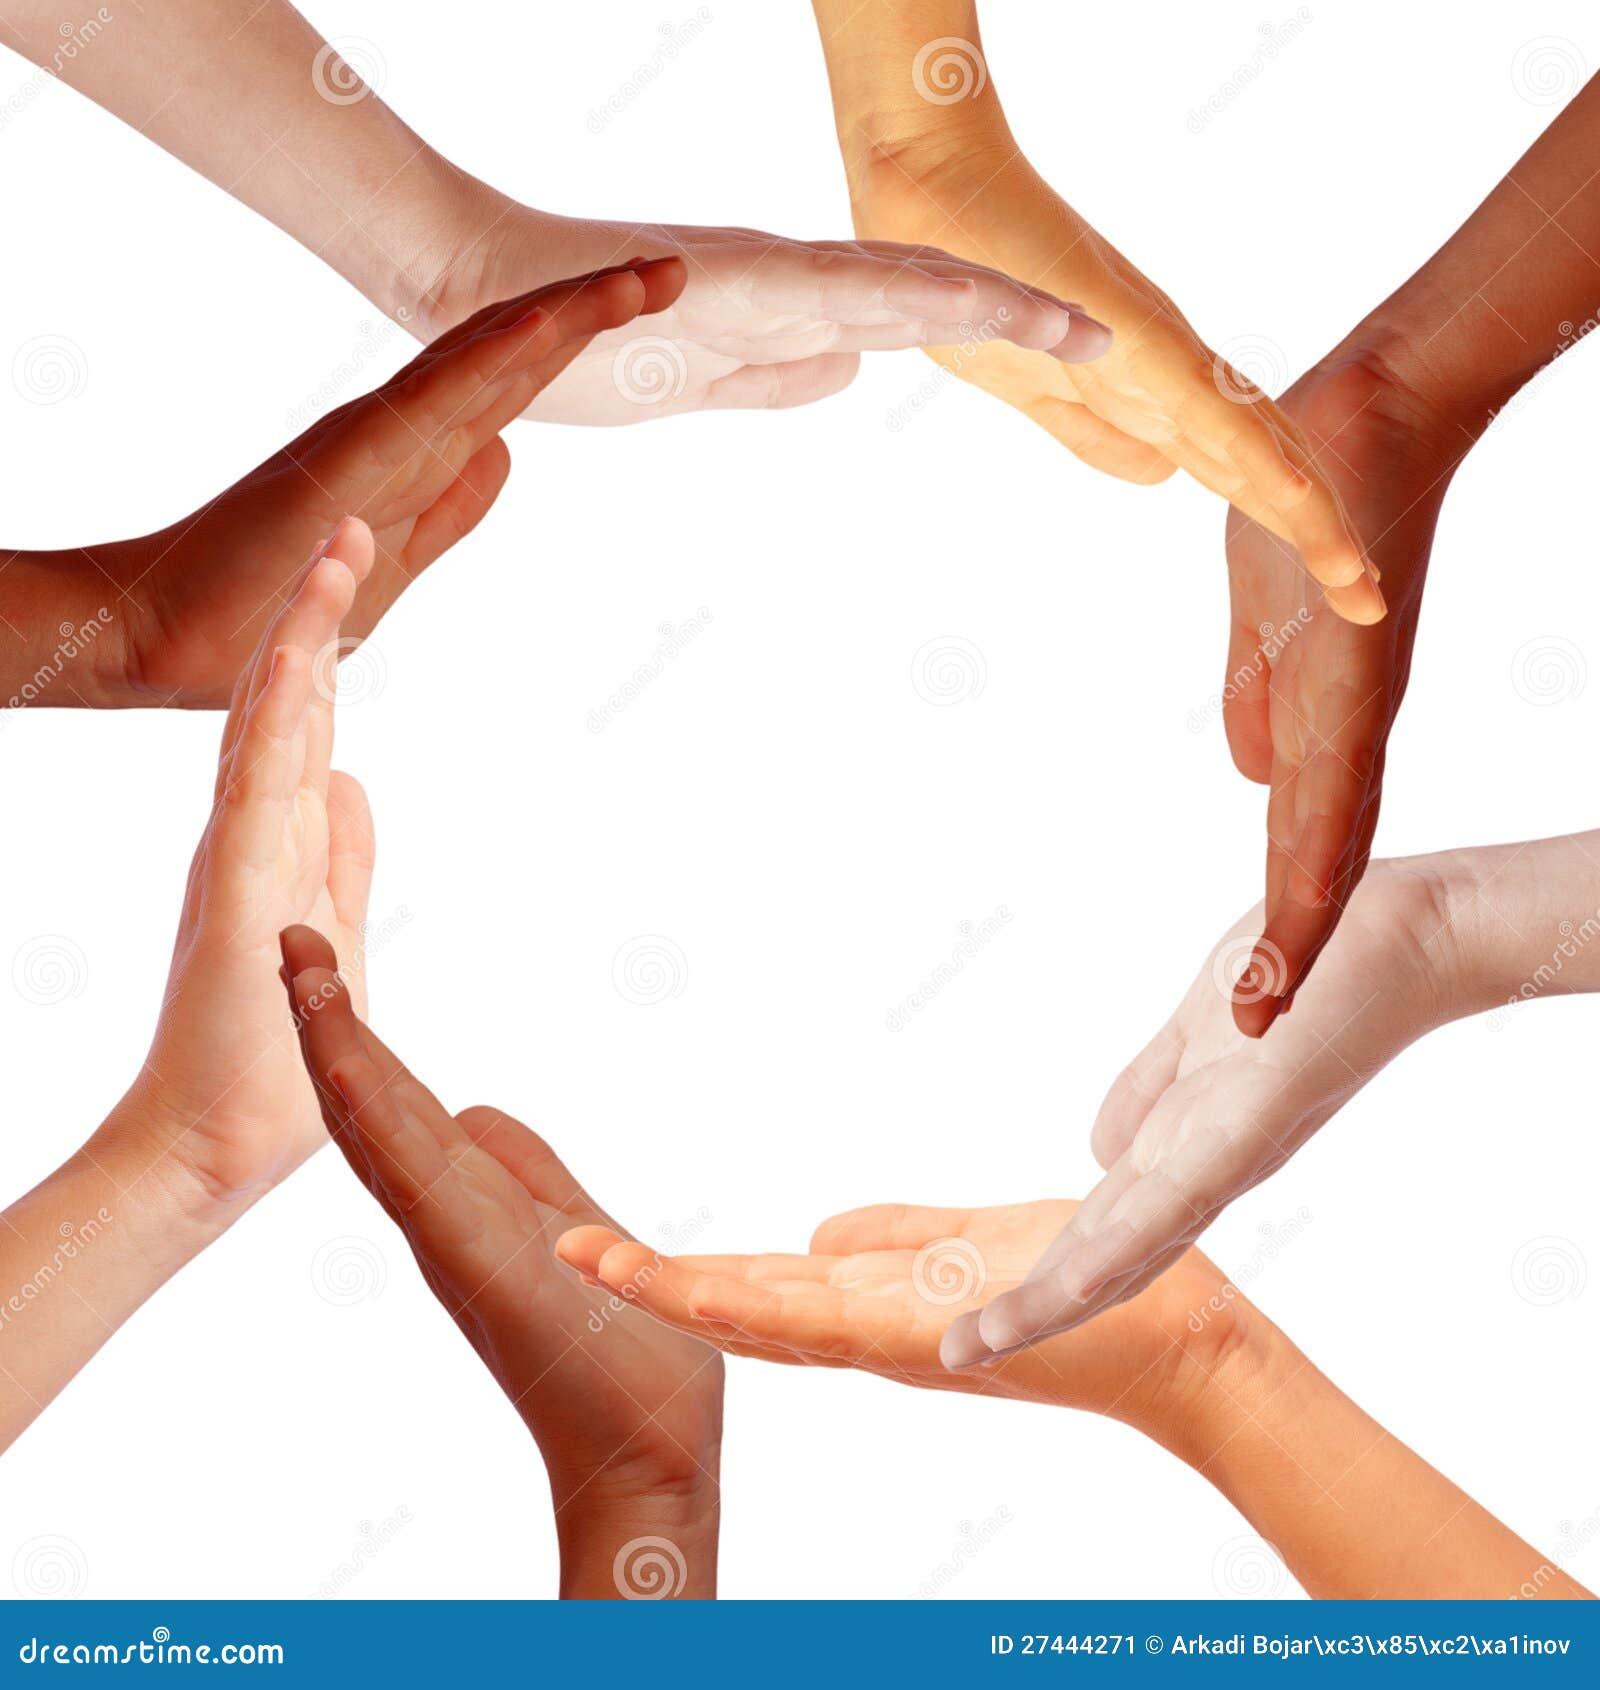 diversity fellowship essay